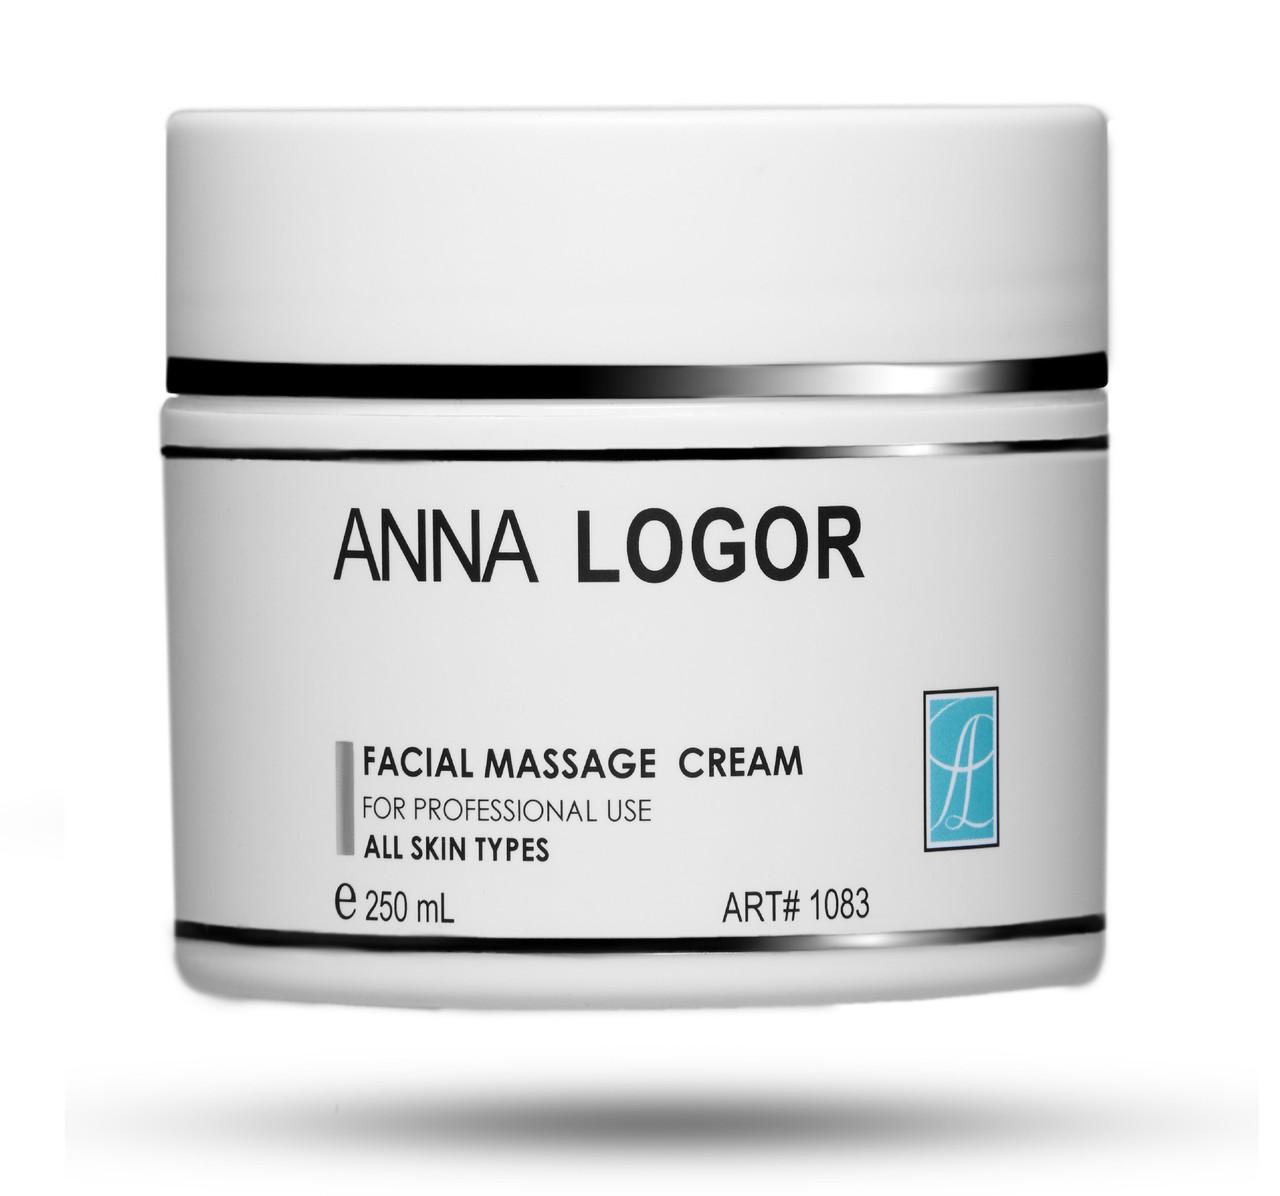 Крем массажный для лица Anna LOGOR Facial Massage Cream 250 ml Art.1083